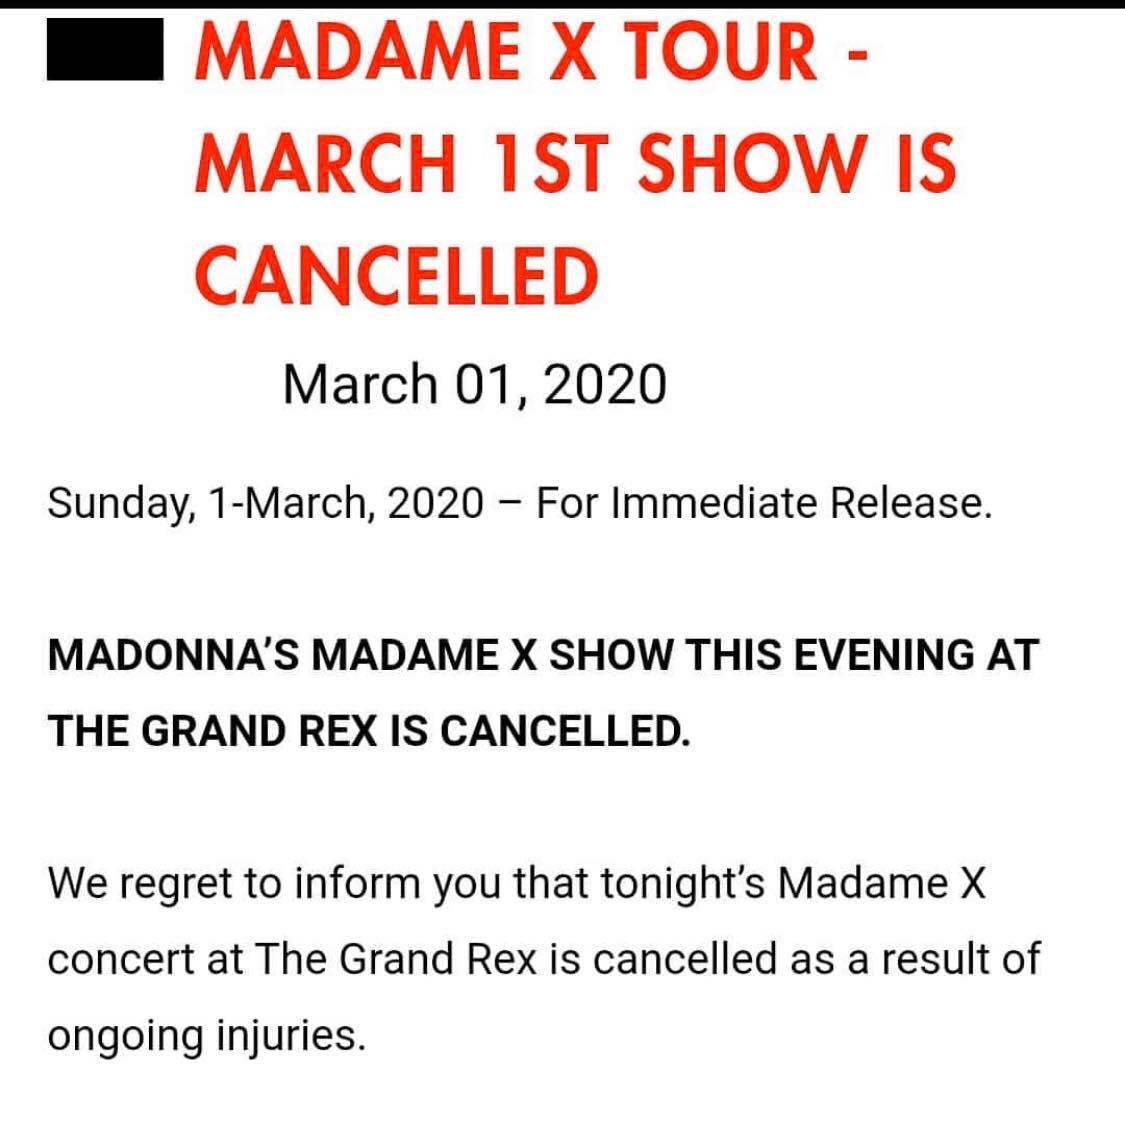 Le show de ce soir est annulé